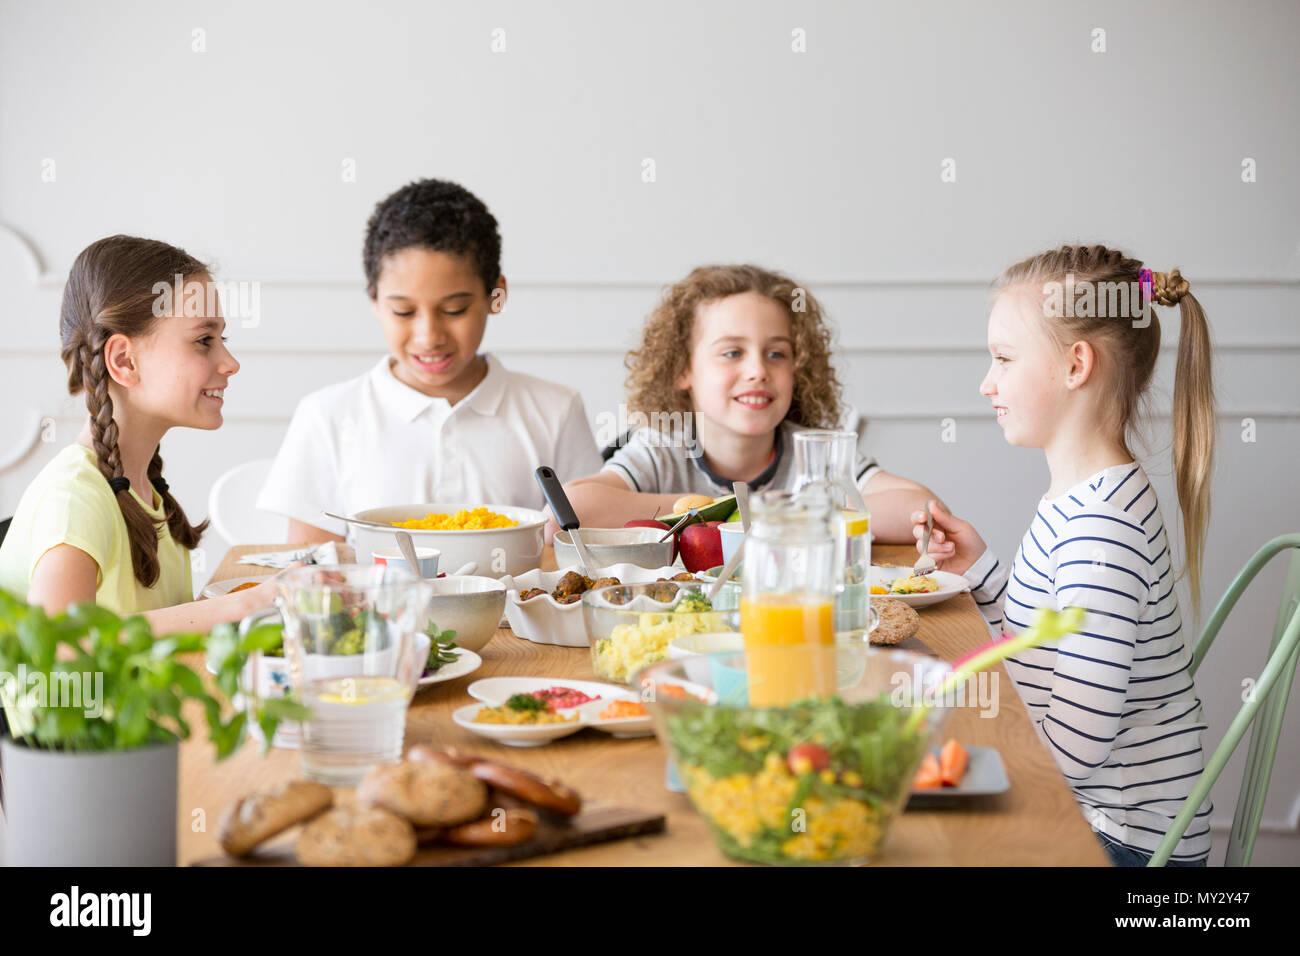 Niños sonrientes de comer mientras se celebra el día del niño en el hogar Imagen De Stock